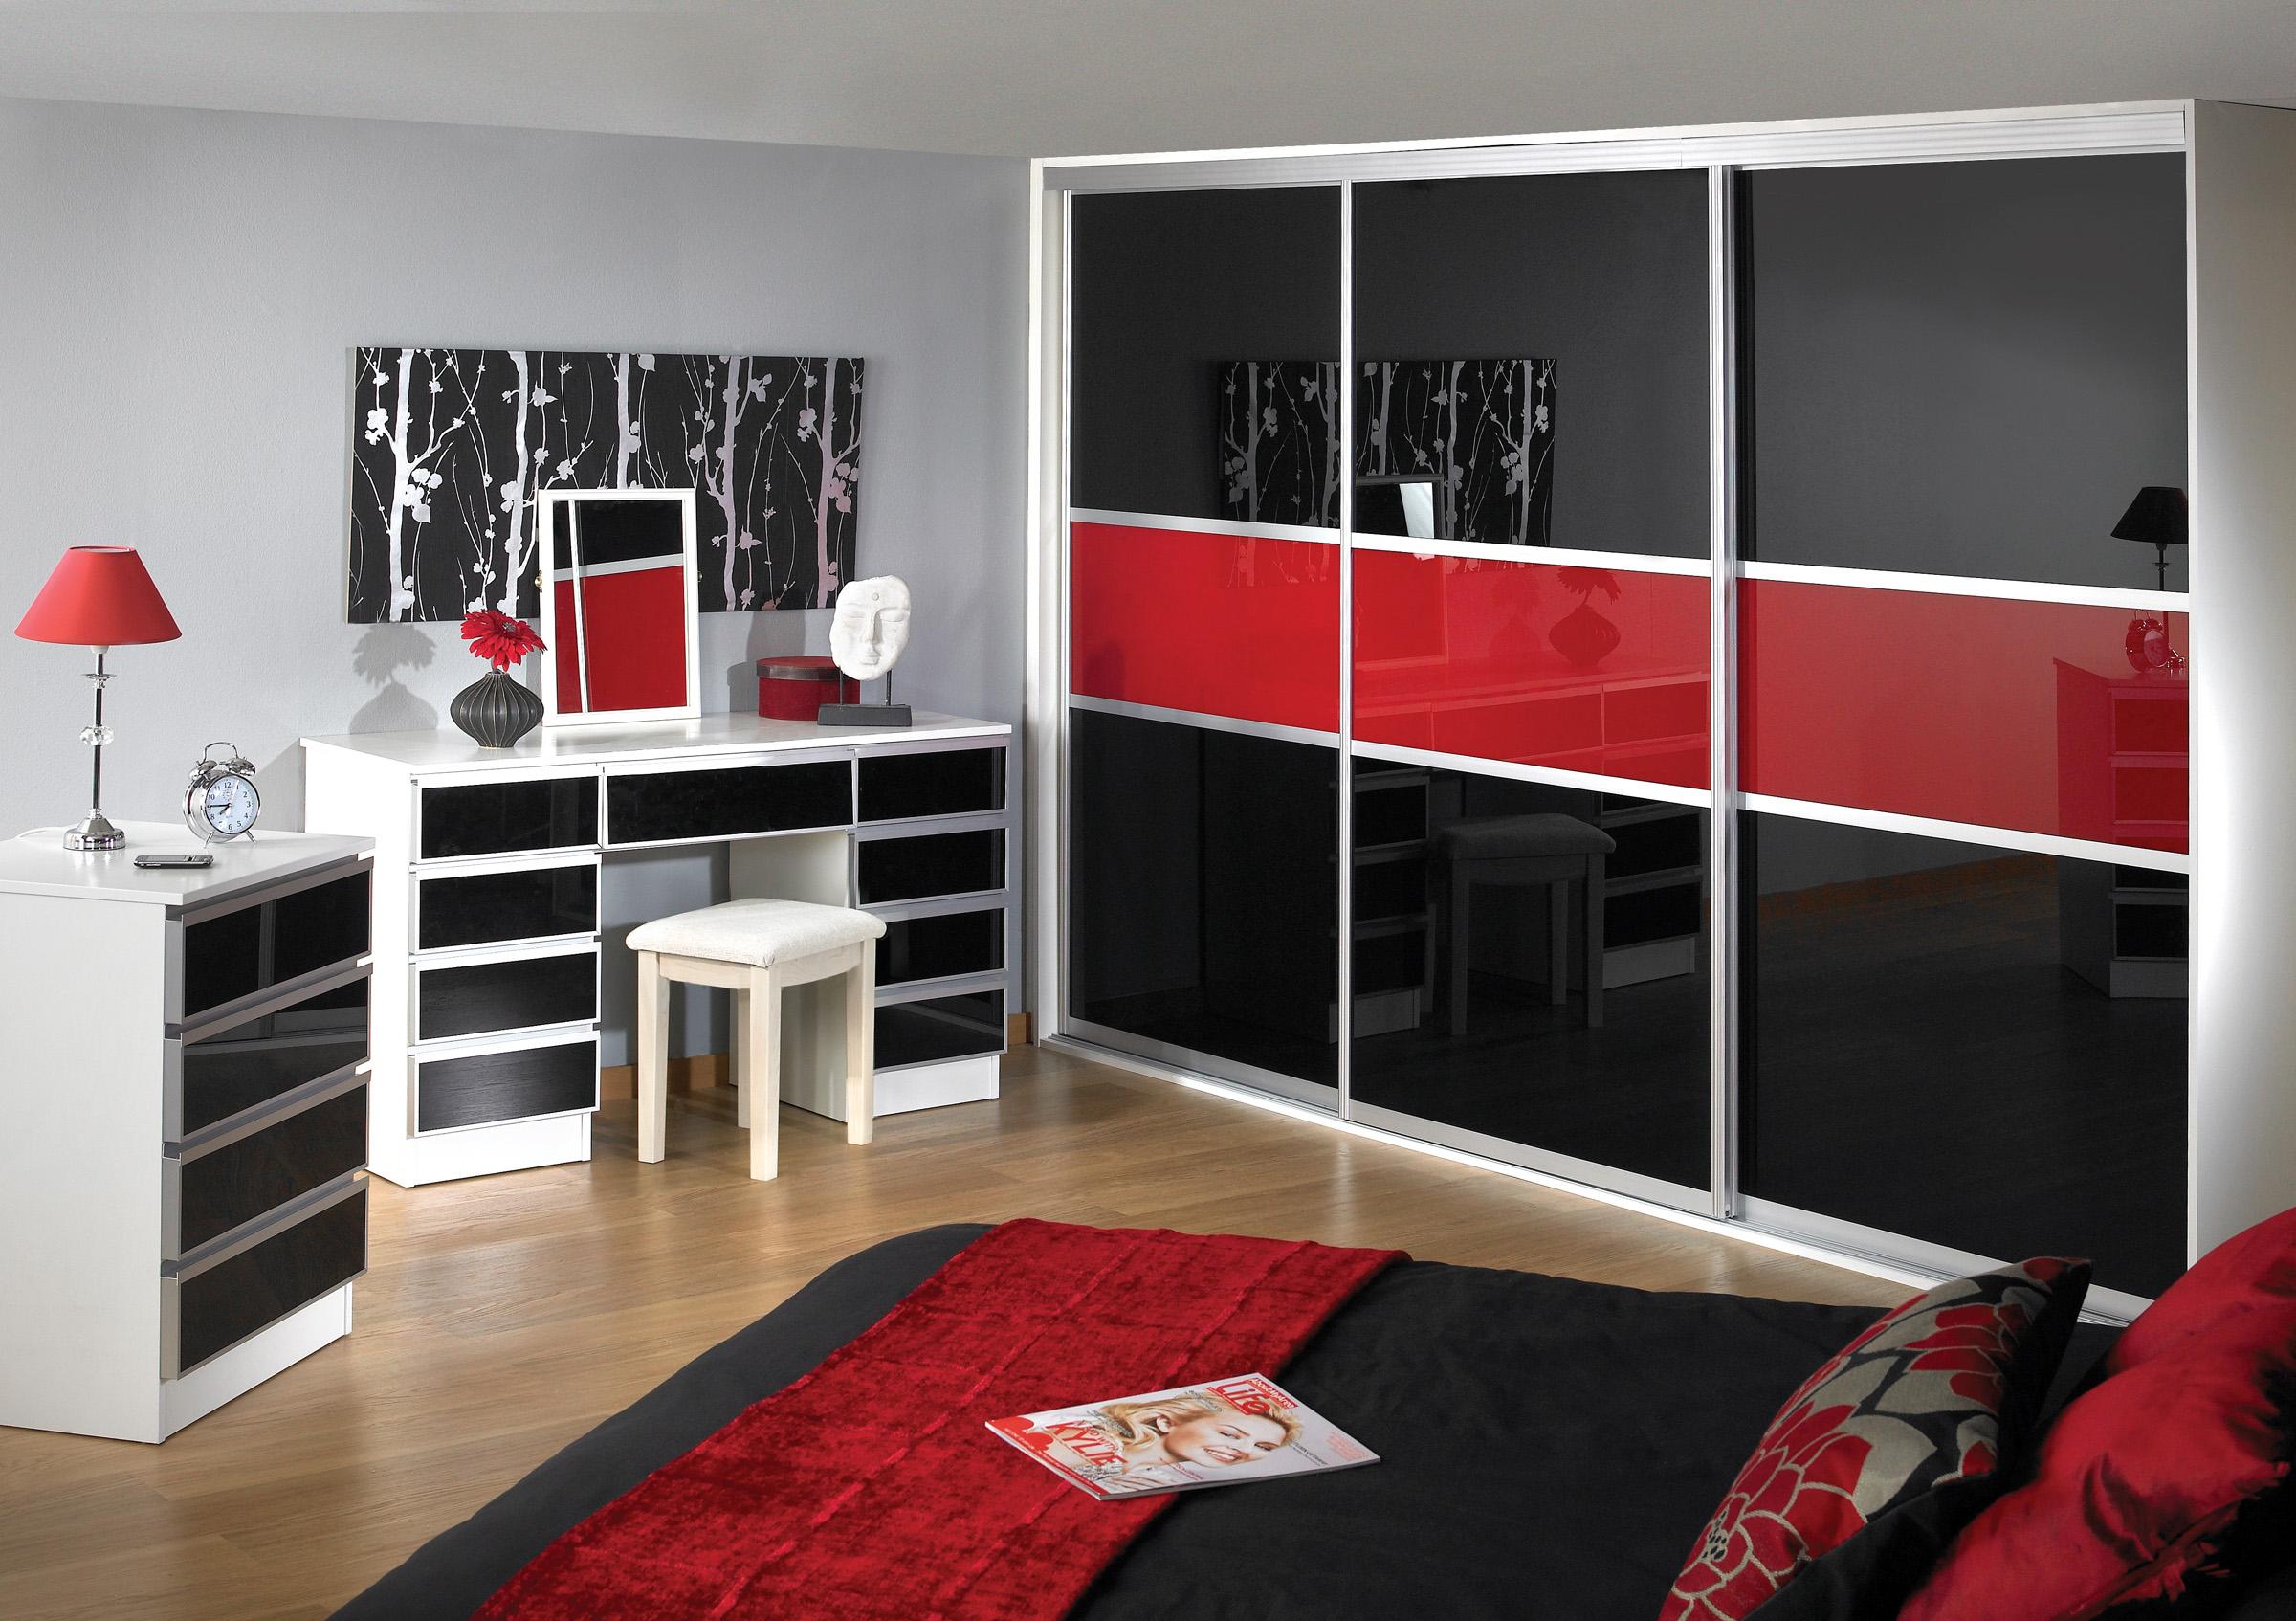 Яркий шкаф купе в спальне прекрасно дополняет интерьер спальни и подчёркивает основные нотки дизайна